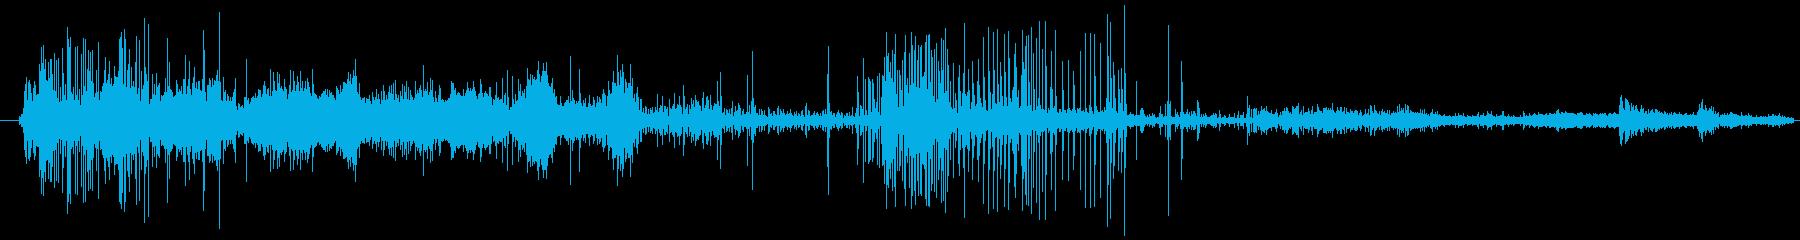 イメージ クレイジートーク11の再生済みの波形